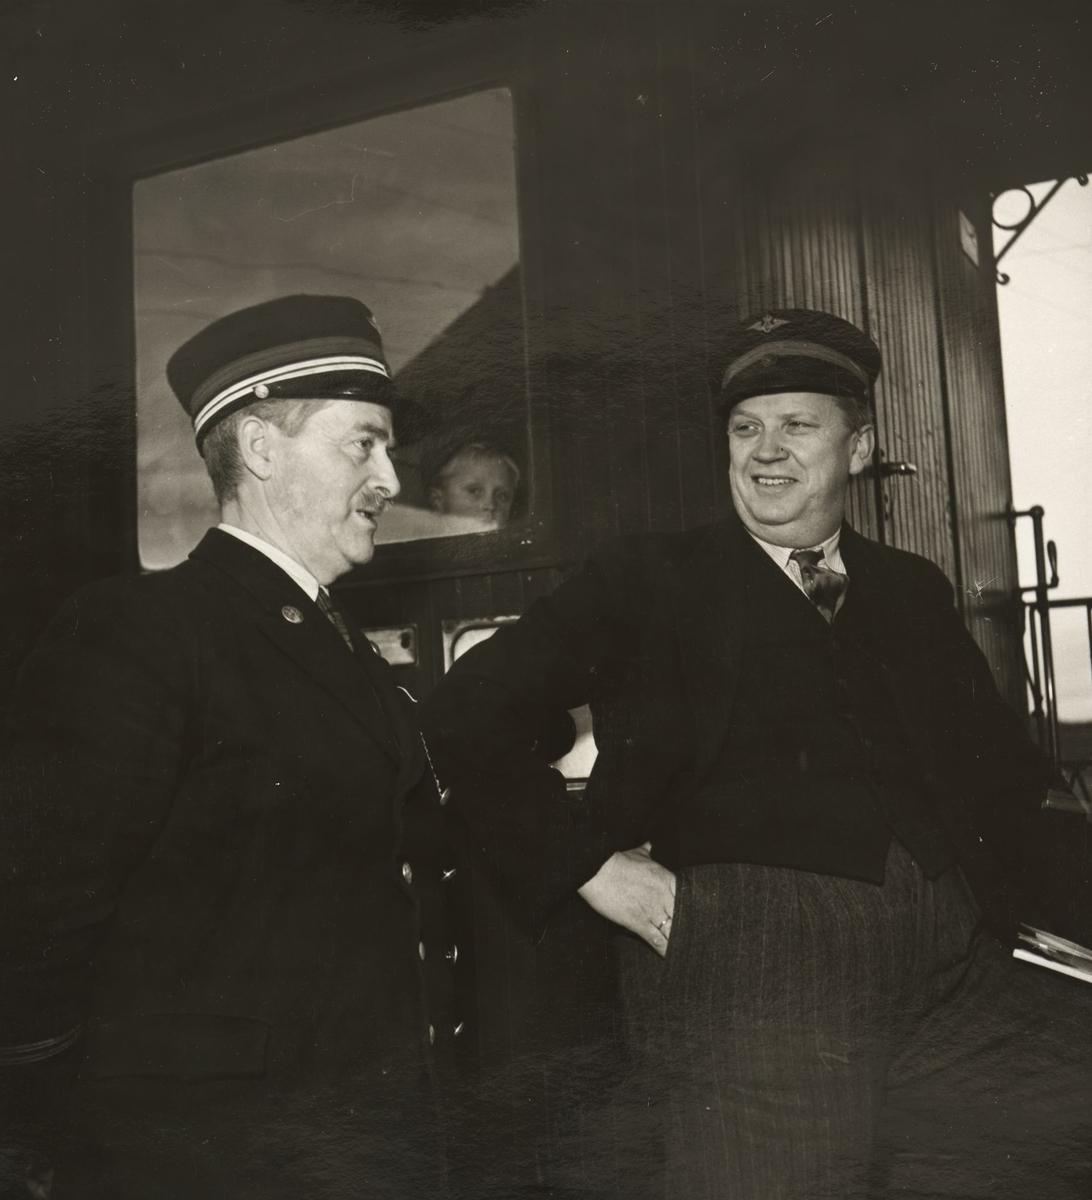 Stasjonsmesteren slår av en prat med en reisende (som har fått låne en uniformslue)